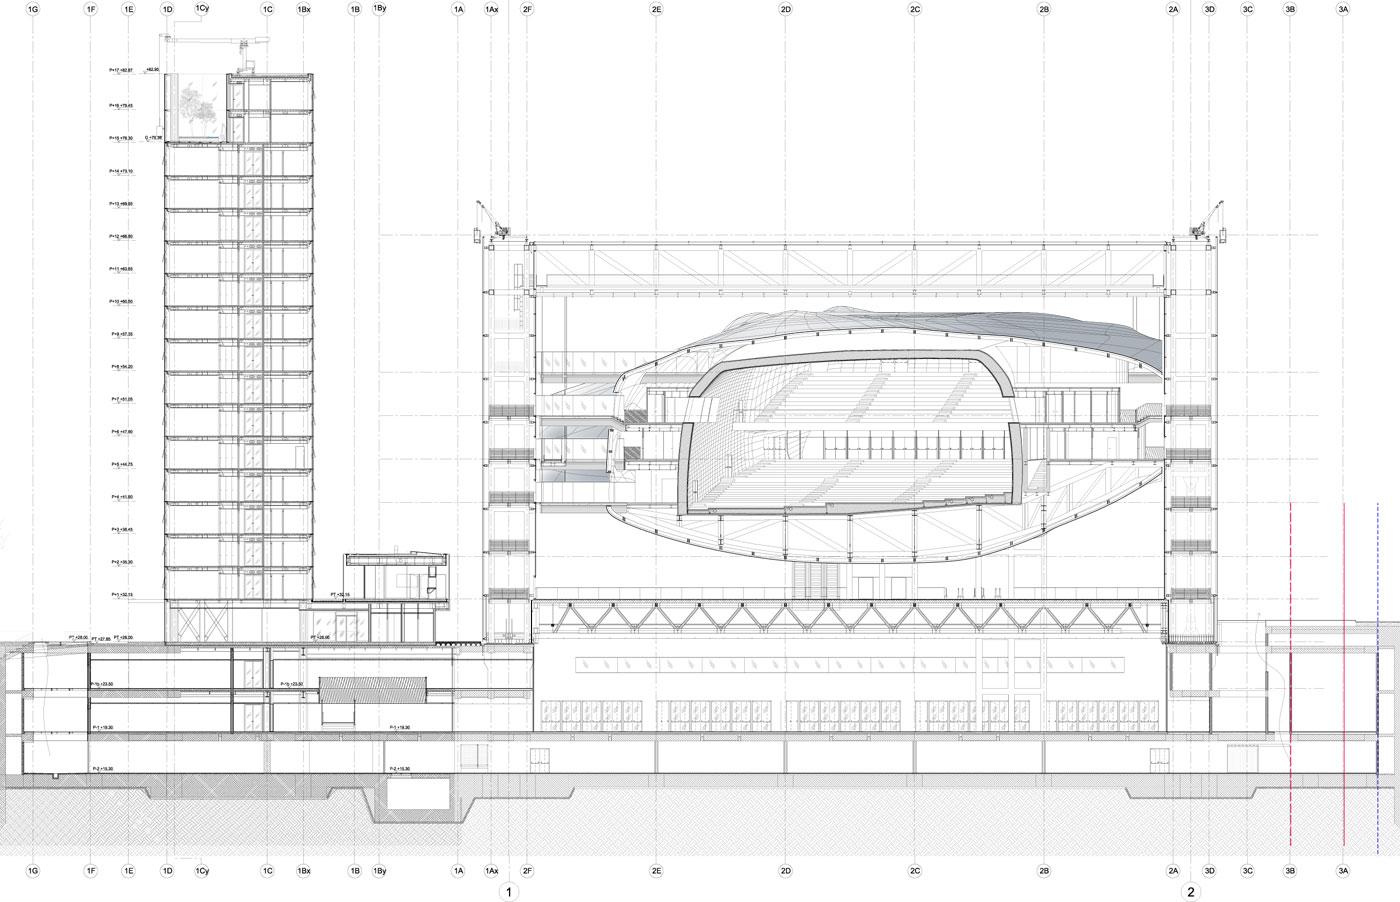 studio-fuksas_a119_se1_section-e1e1-a037